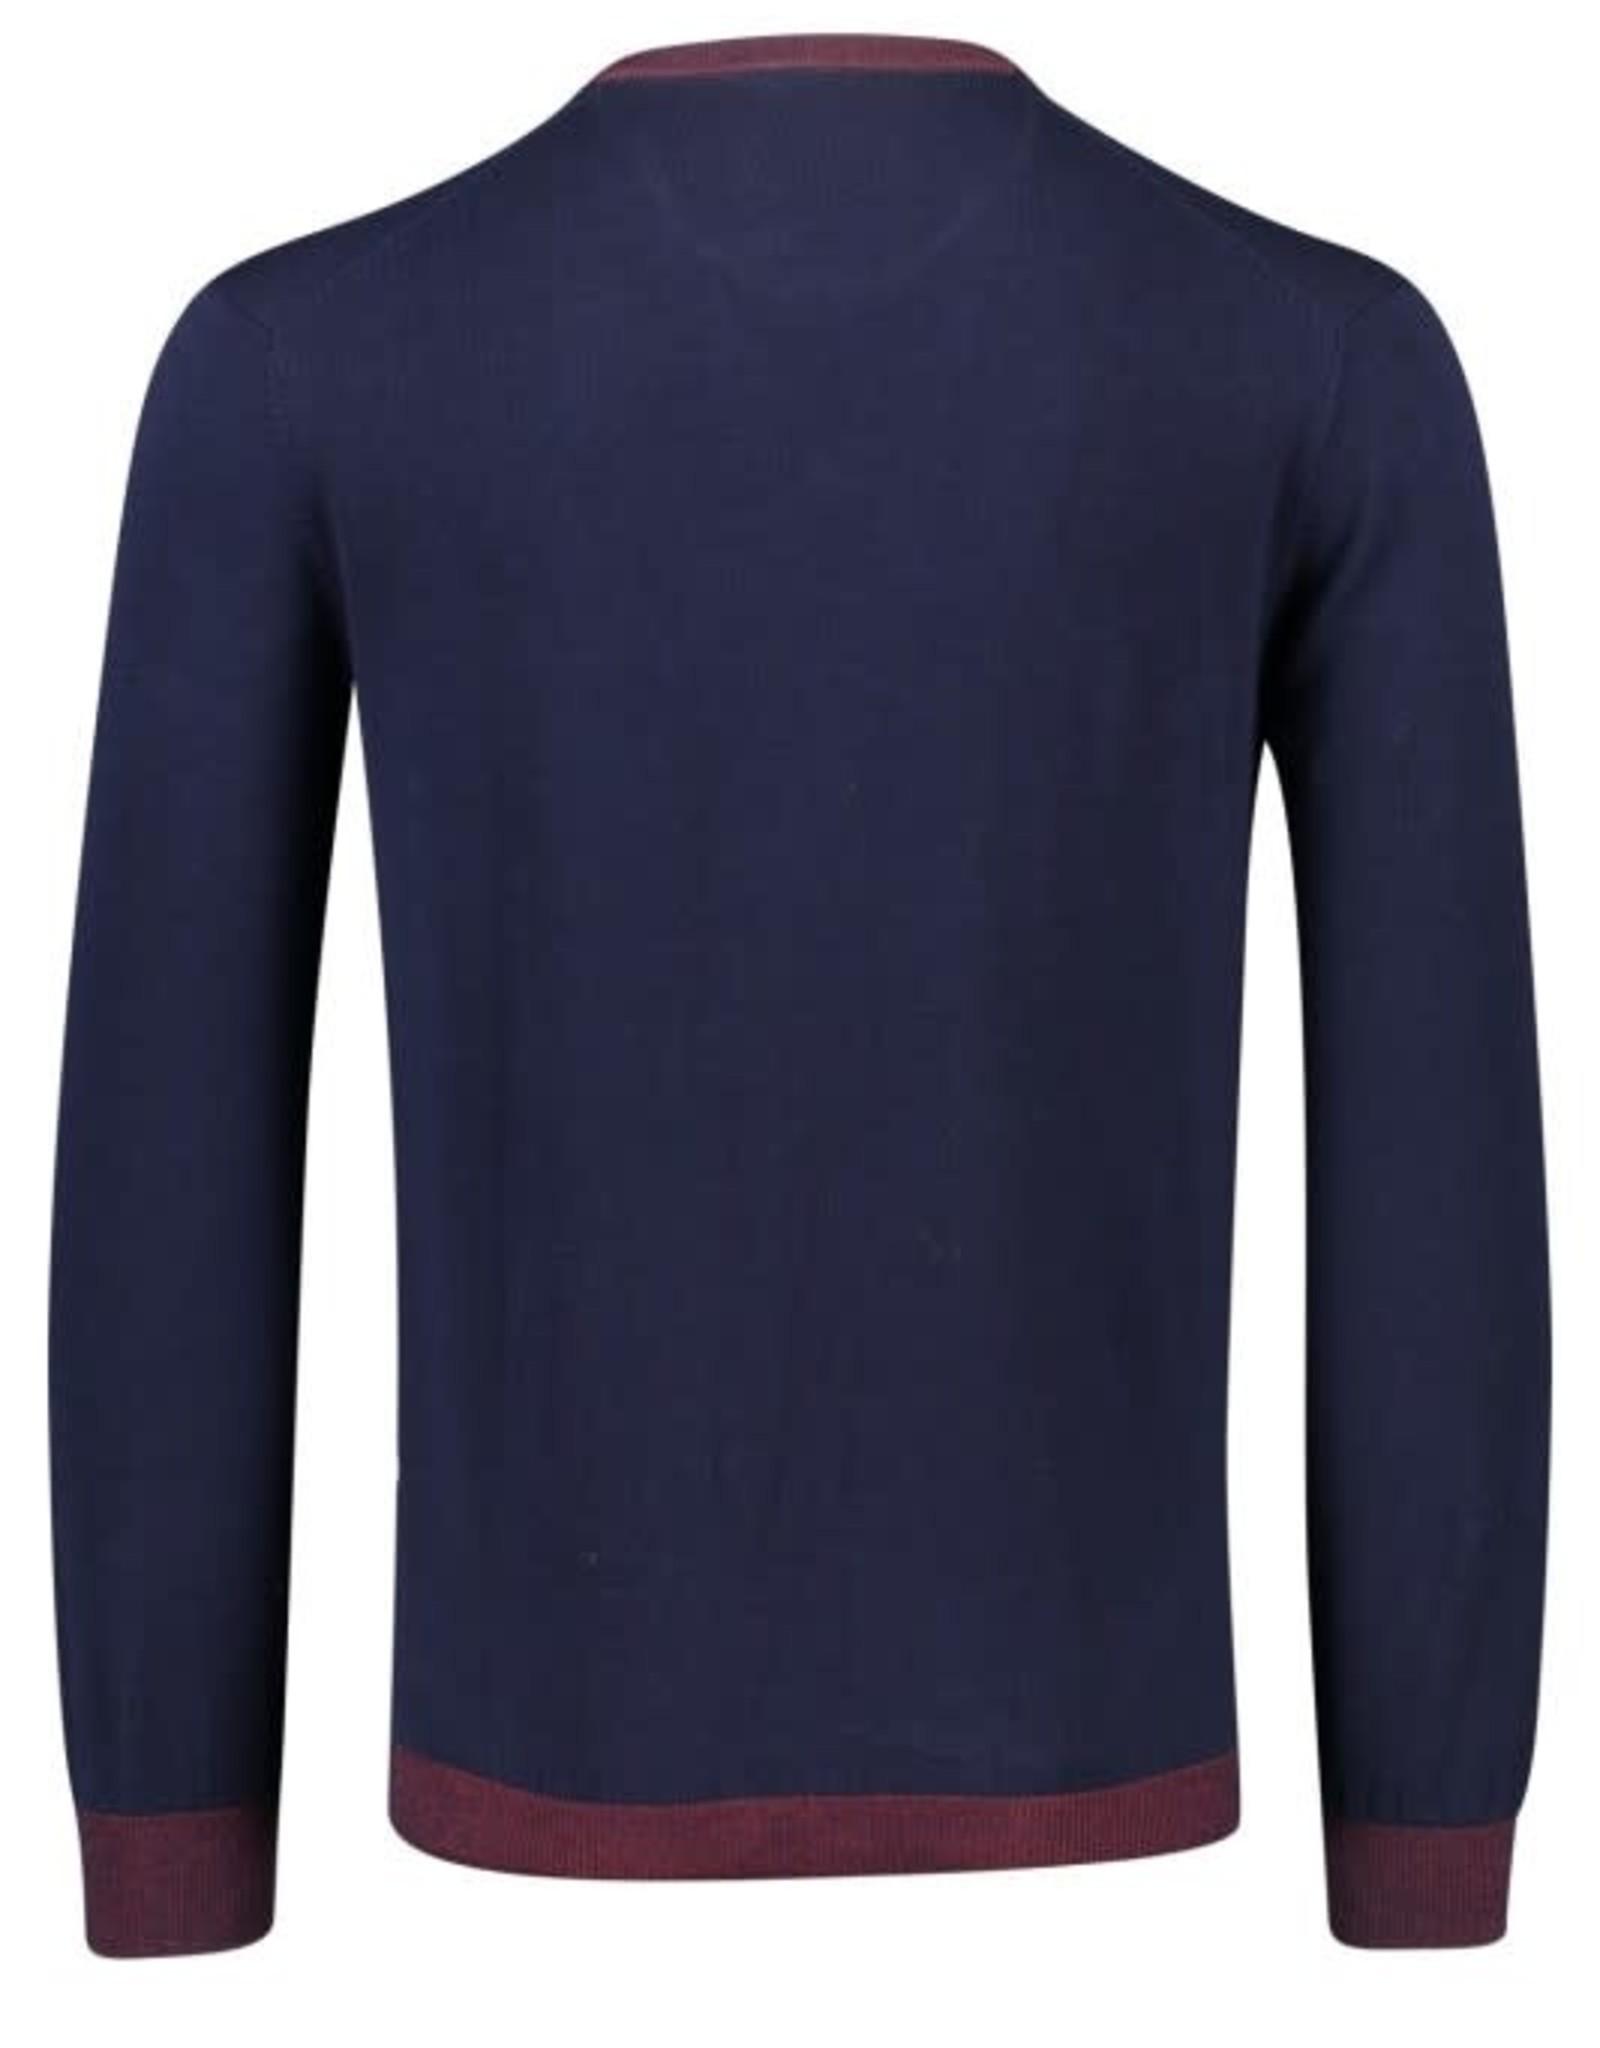 Portofino pullover v-hals marine